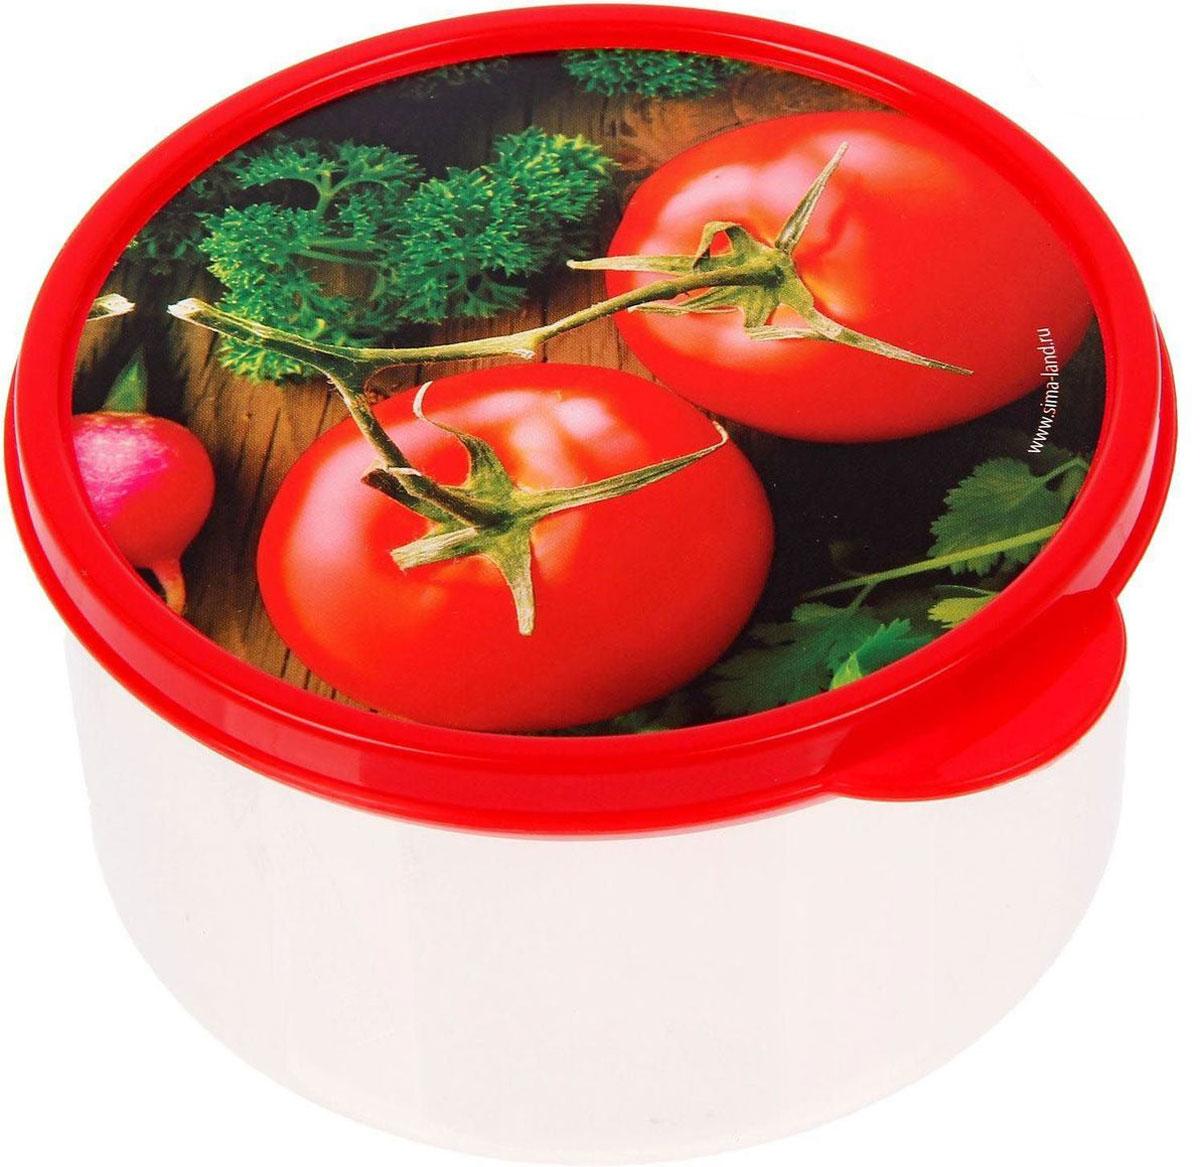 Ланч-бокс Доляна №4, круглый, 500 мл1333893Ланч-бокс Доляна №4 круглой формы выполнен из прочного пластика. Изделие оснащено герметичной крышкой, оформленной ярким рисунком, которая позволяет плотно и надежно удерживать запах еды и упрощает процесс транспортировки. Такой ланч-бокс станет незаменимым предметом кухонной утвари.